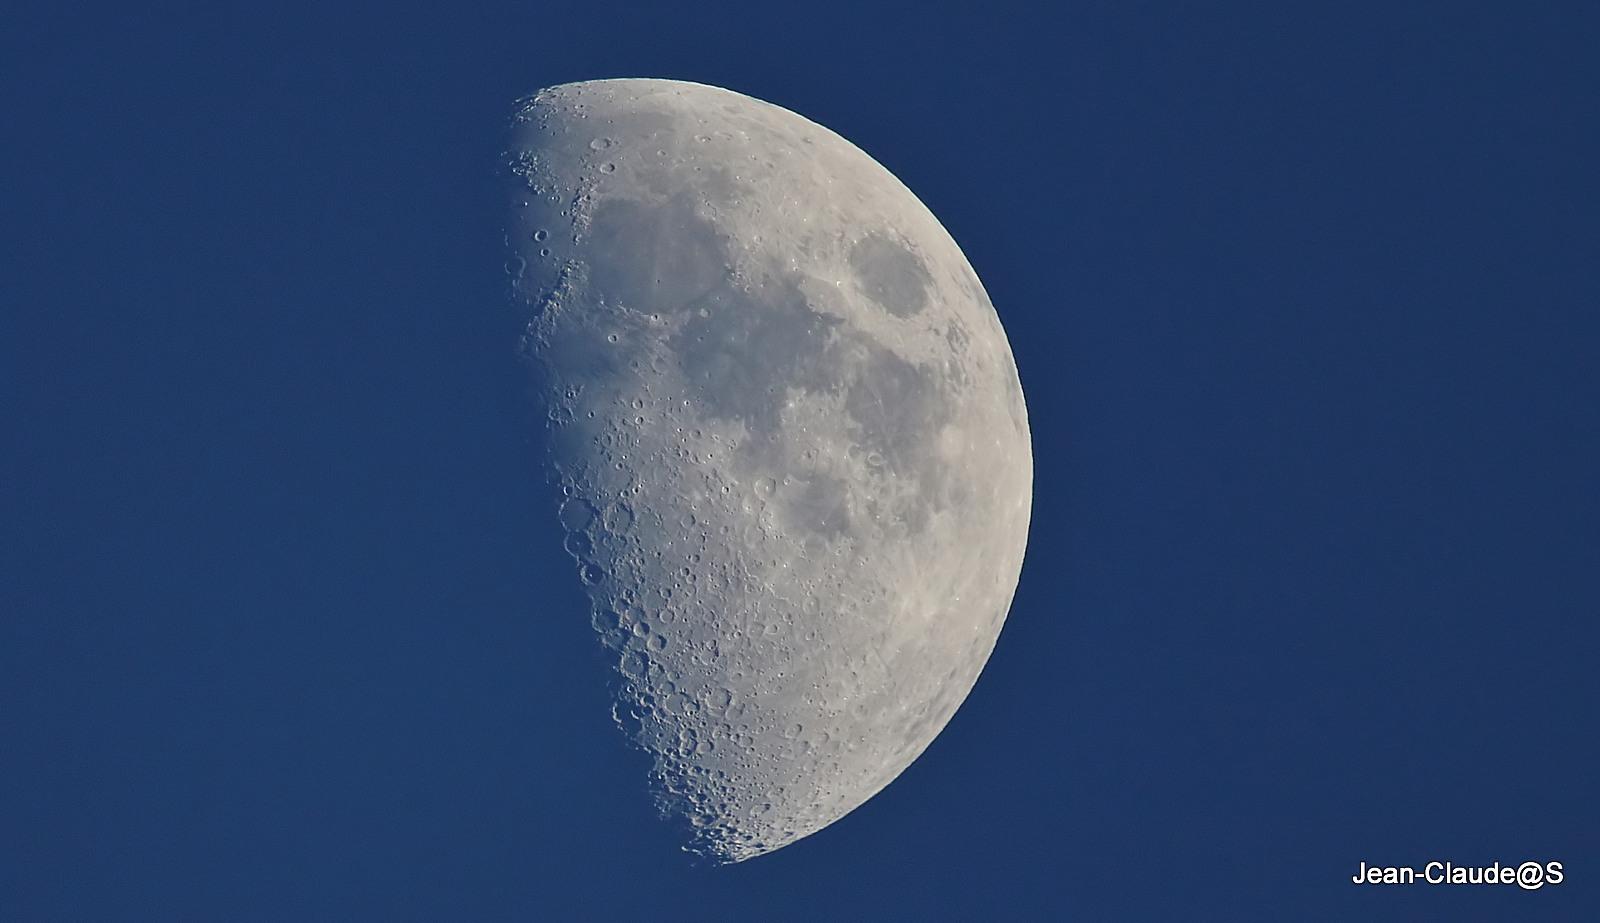 Couchers/levés du soleil et de la lune - Page 26 Img_1253_filtered-54d2ffd